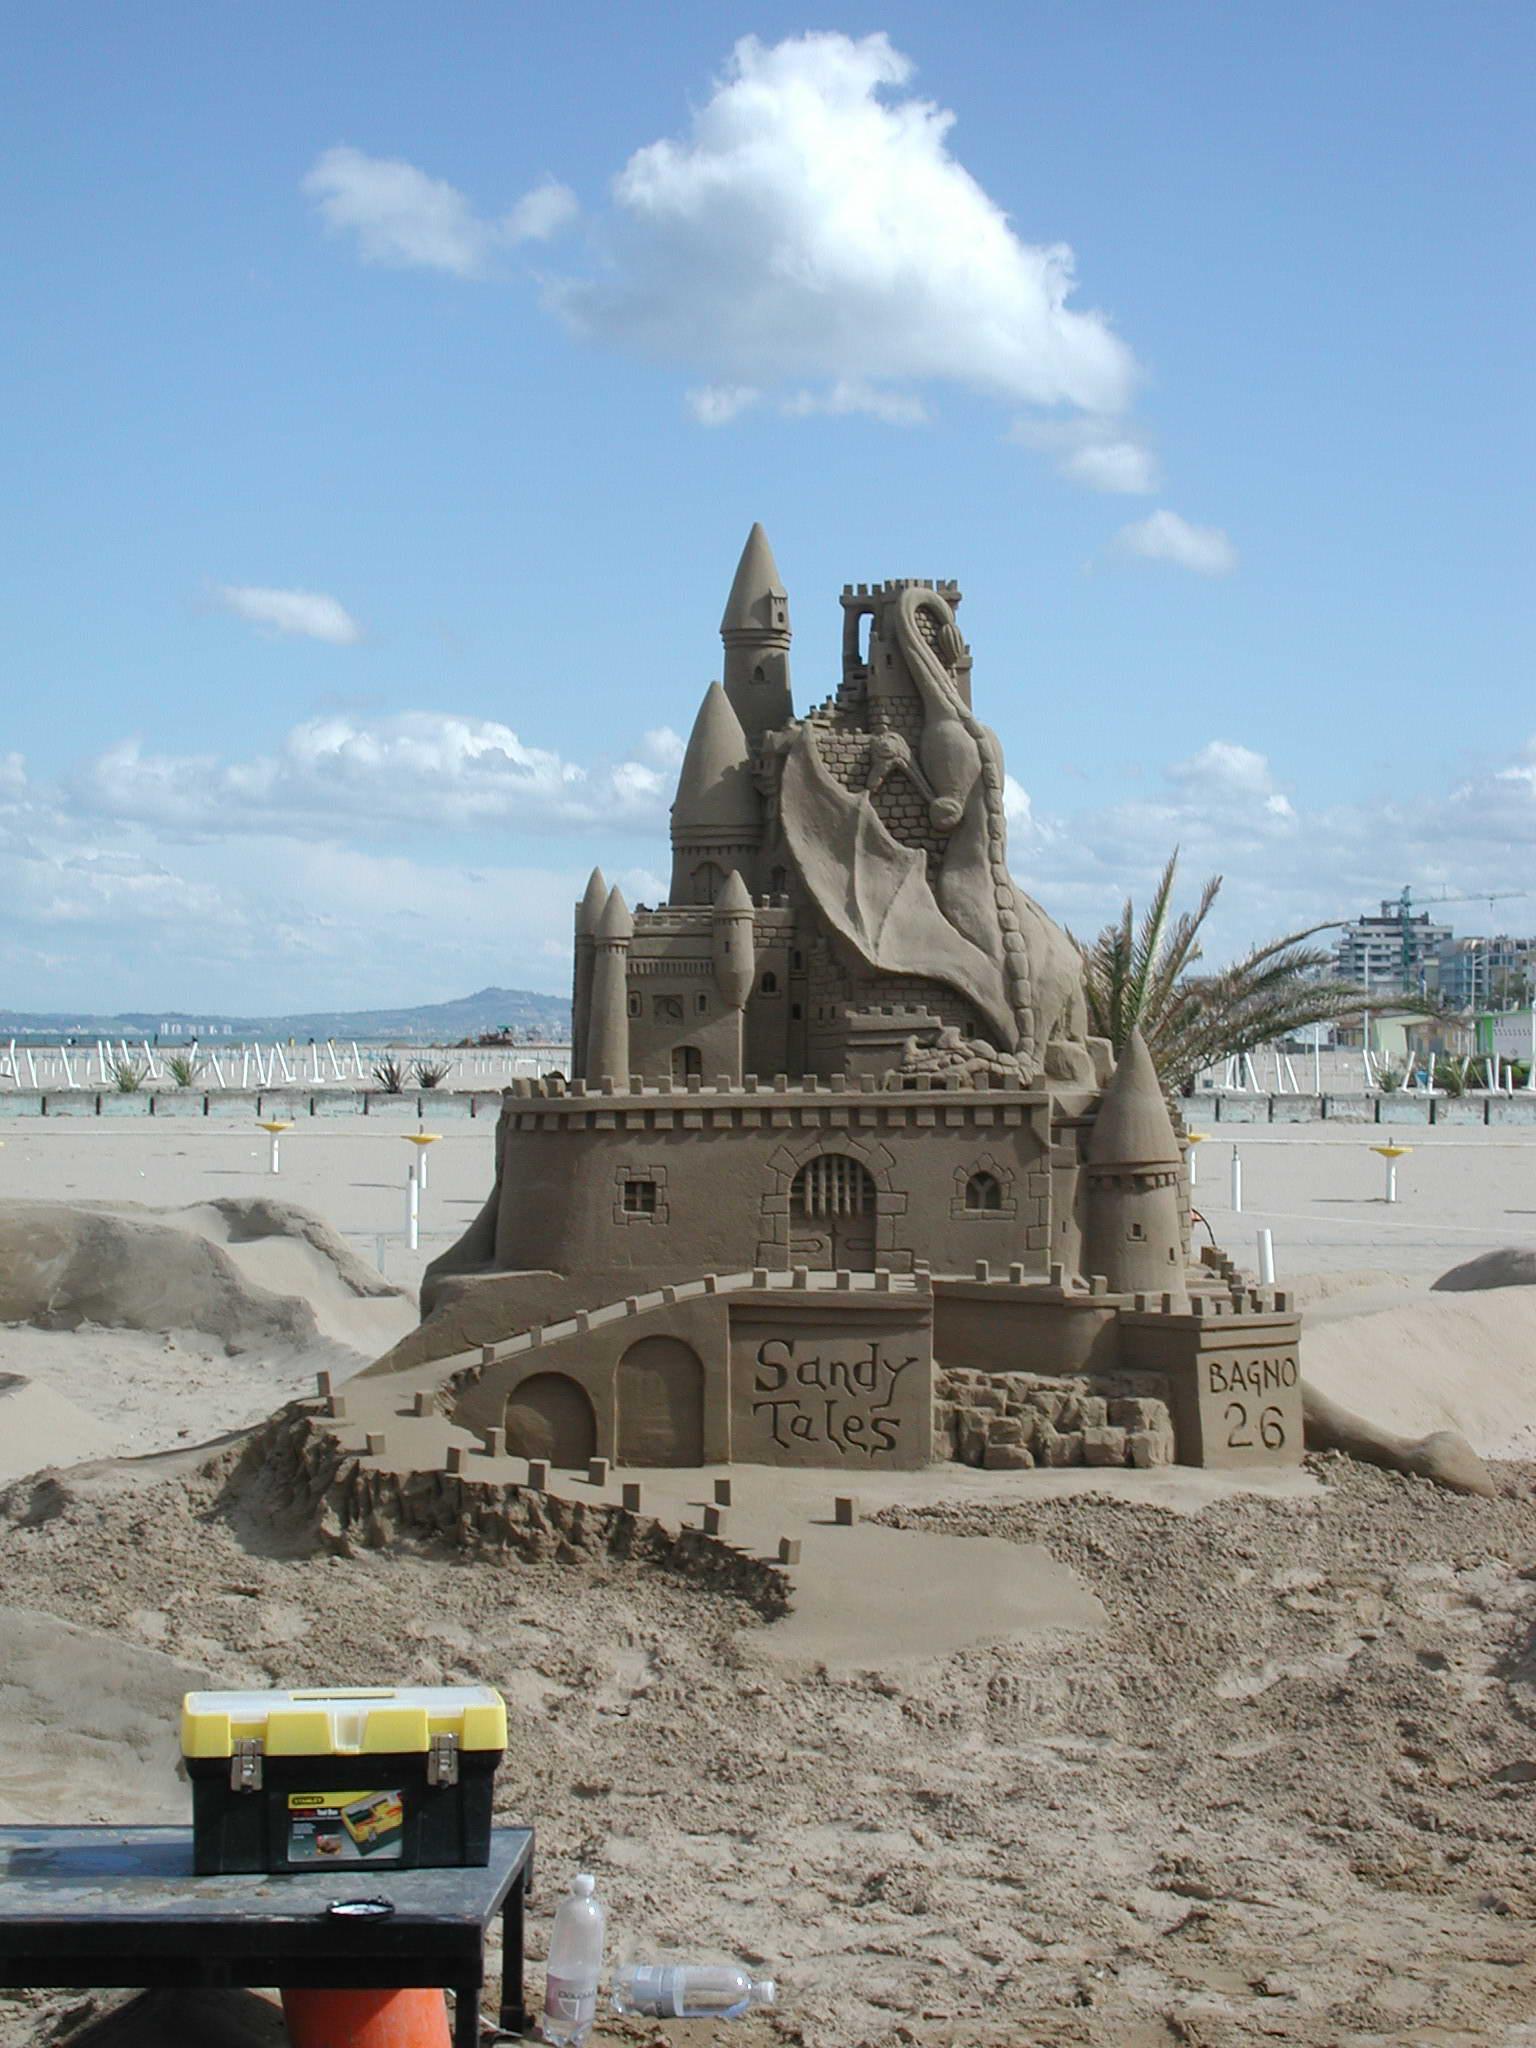 Rimini italy sand sculpture